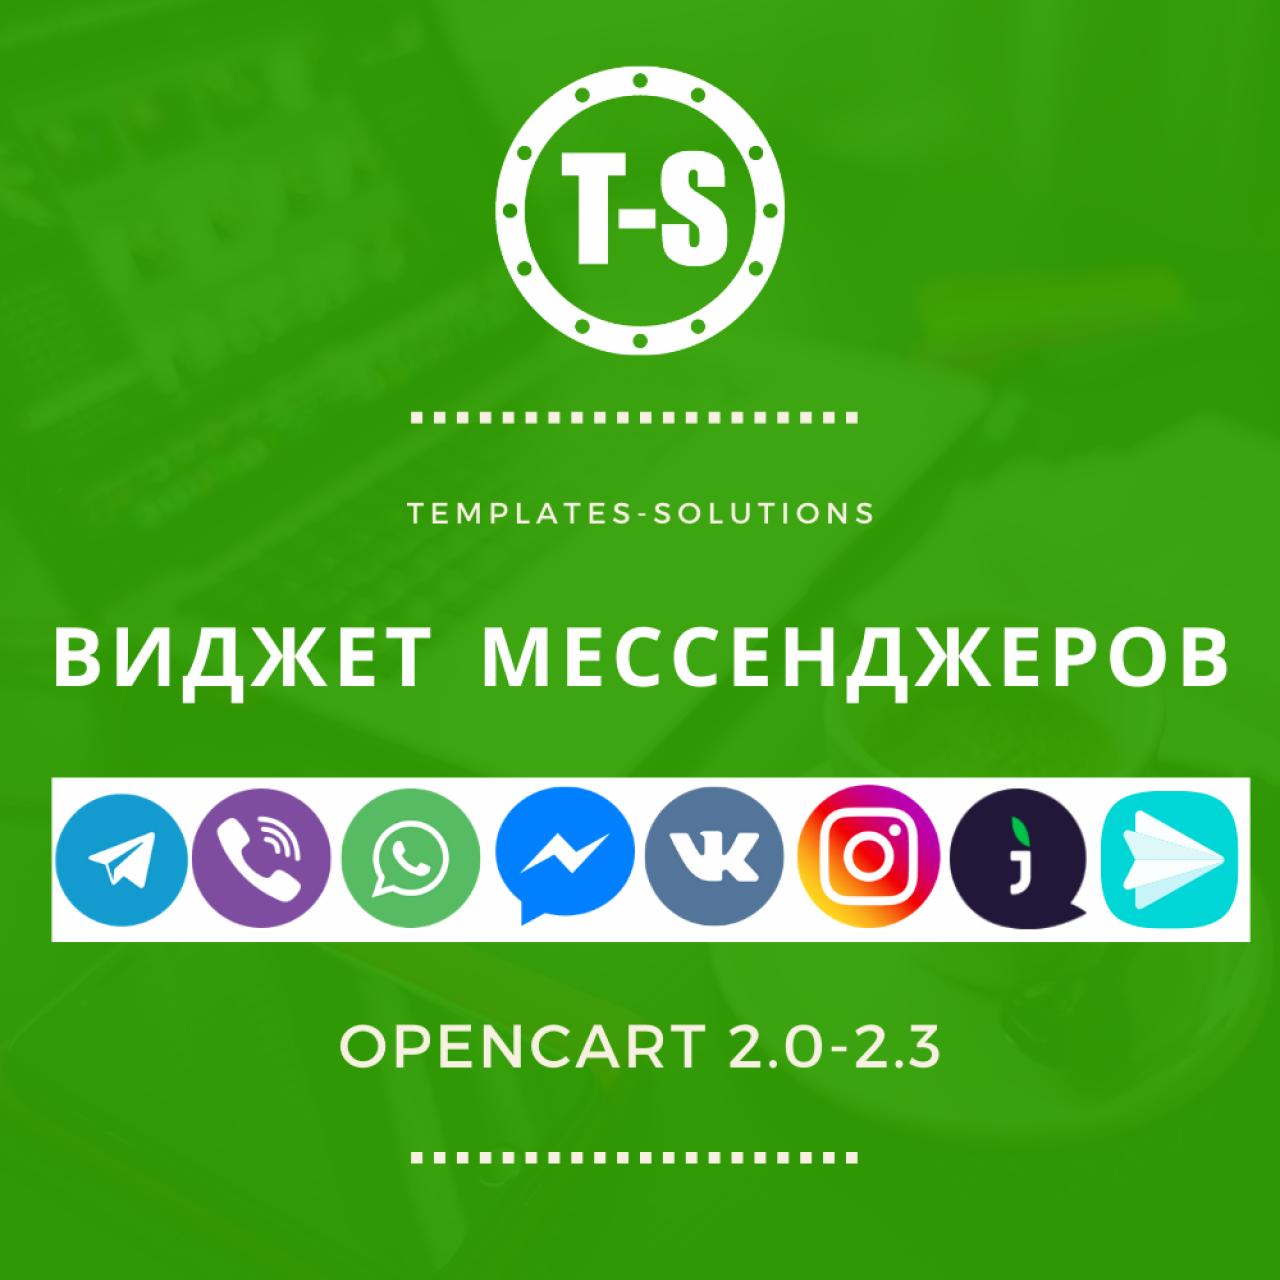 Виджет мессенджеров 2.0.x-2.3.x v1.6.1 из категории Обратная связь для CMS OpenCart (ОпенКарт)